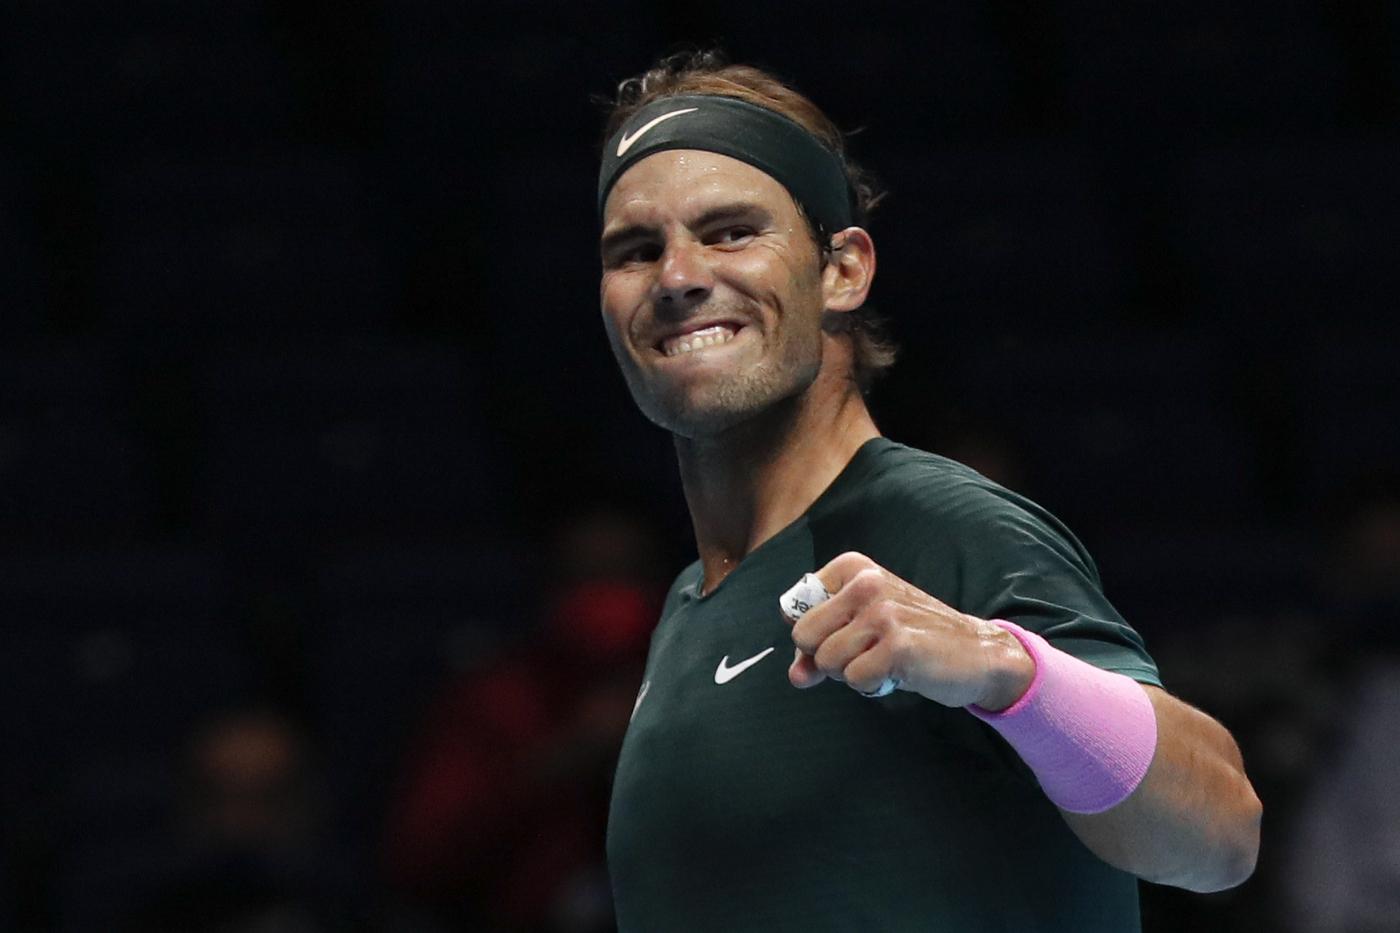 Tennis ATP Finals 2020, Rafael Nadal vs Stefanos Tsitsipas